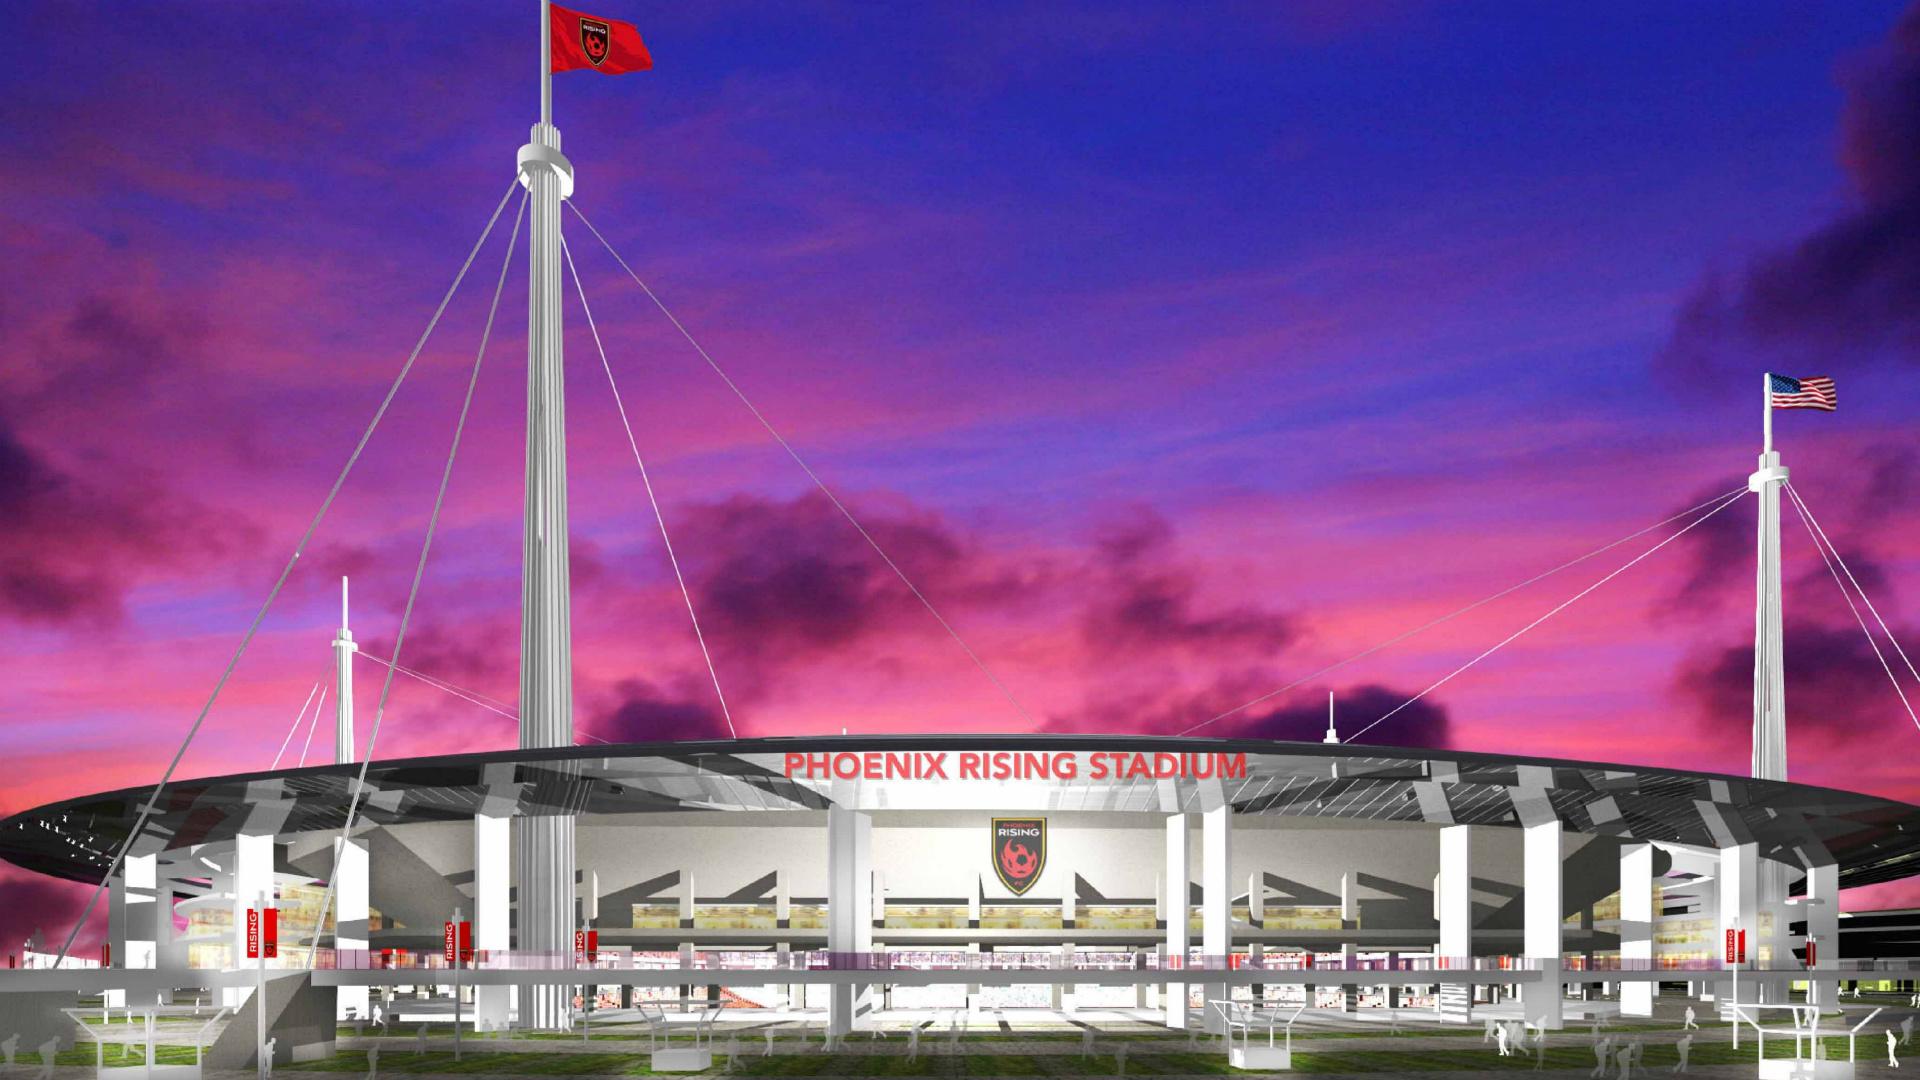 Phoenix MLS Expansion Stadium